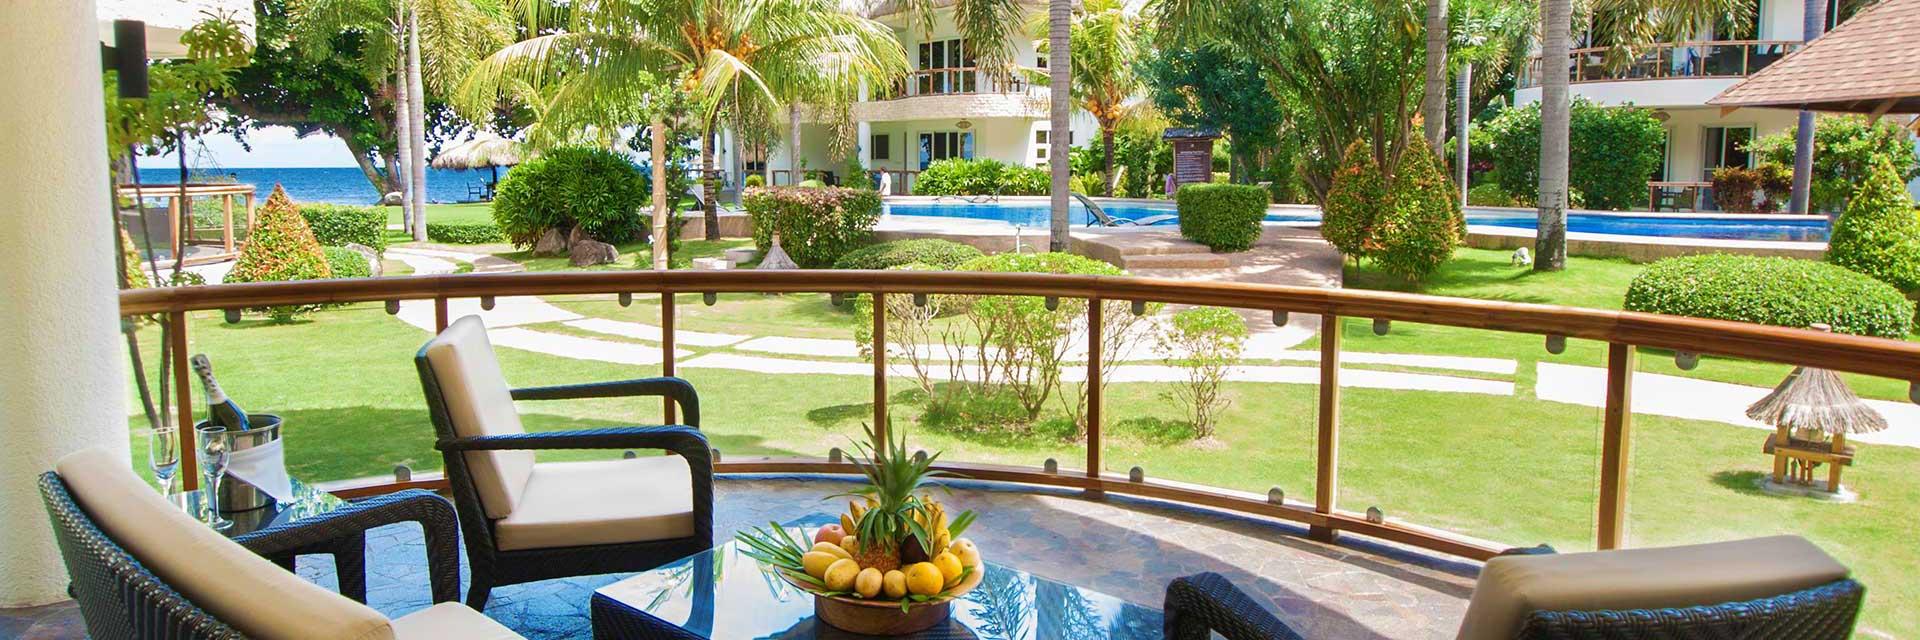 Vida Homes - Balcony - Pool View